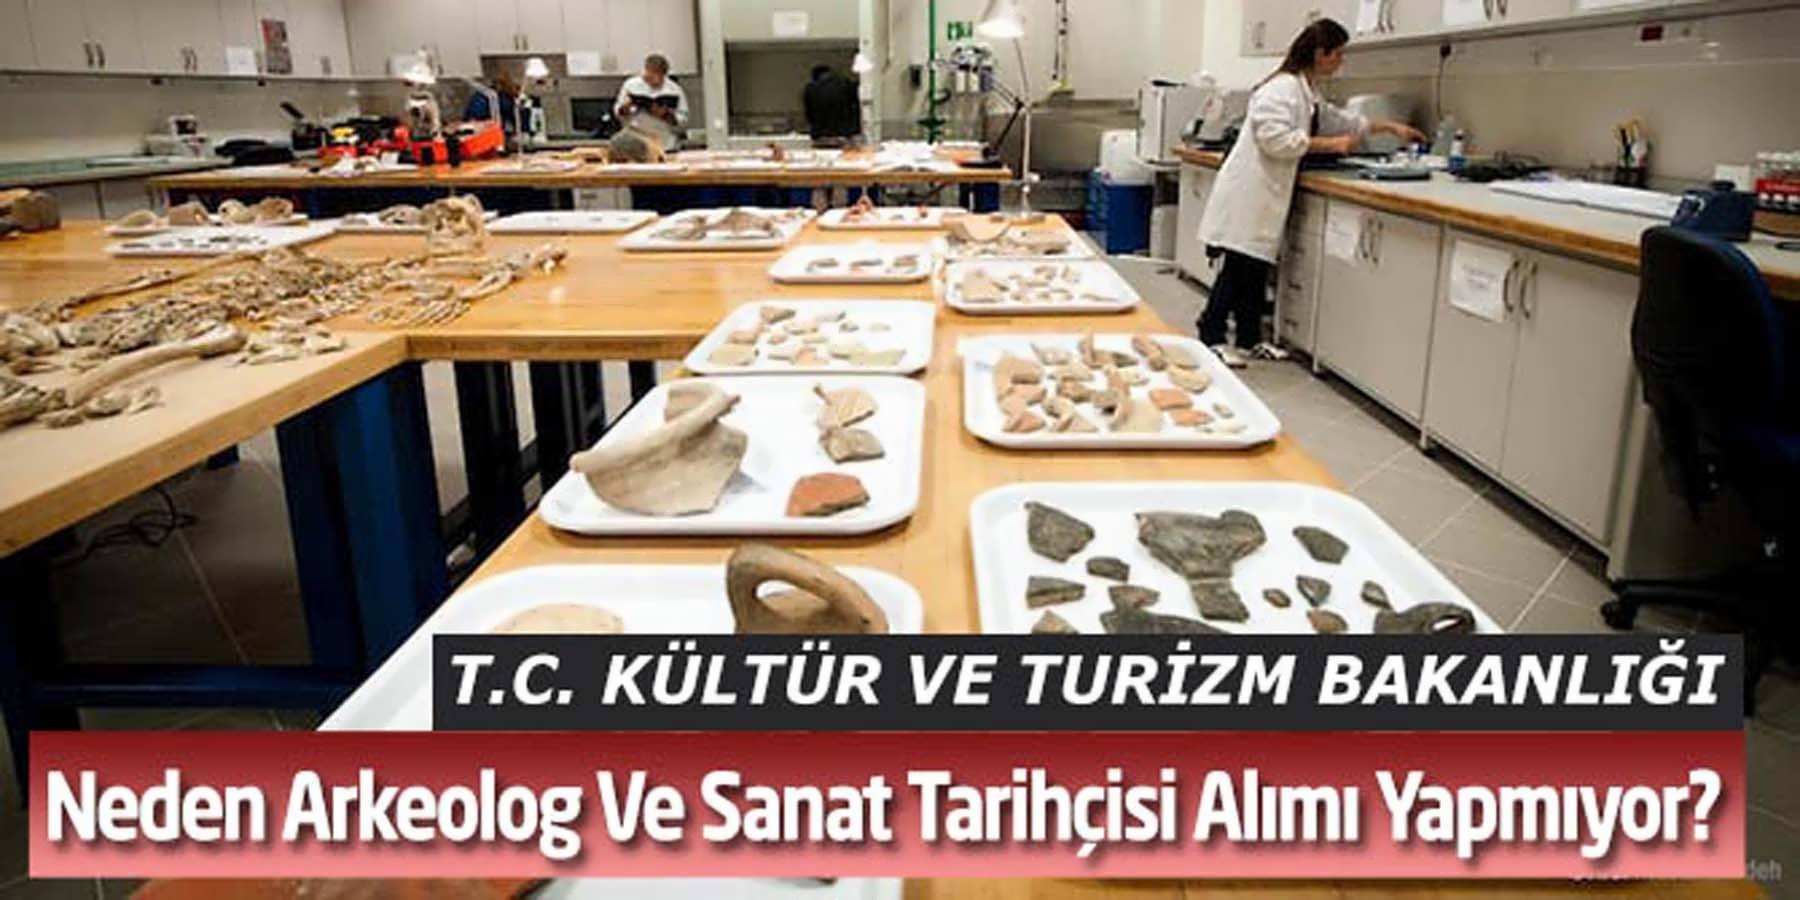 Turizm Bakanlığı Neden Arkeolog Ve Sanat Tarihçisi Alımı Yapmıyor?